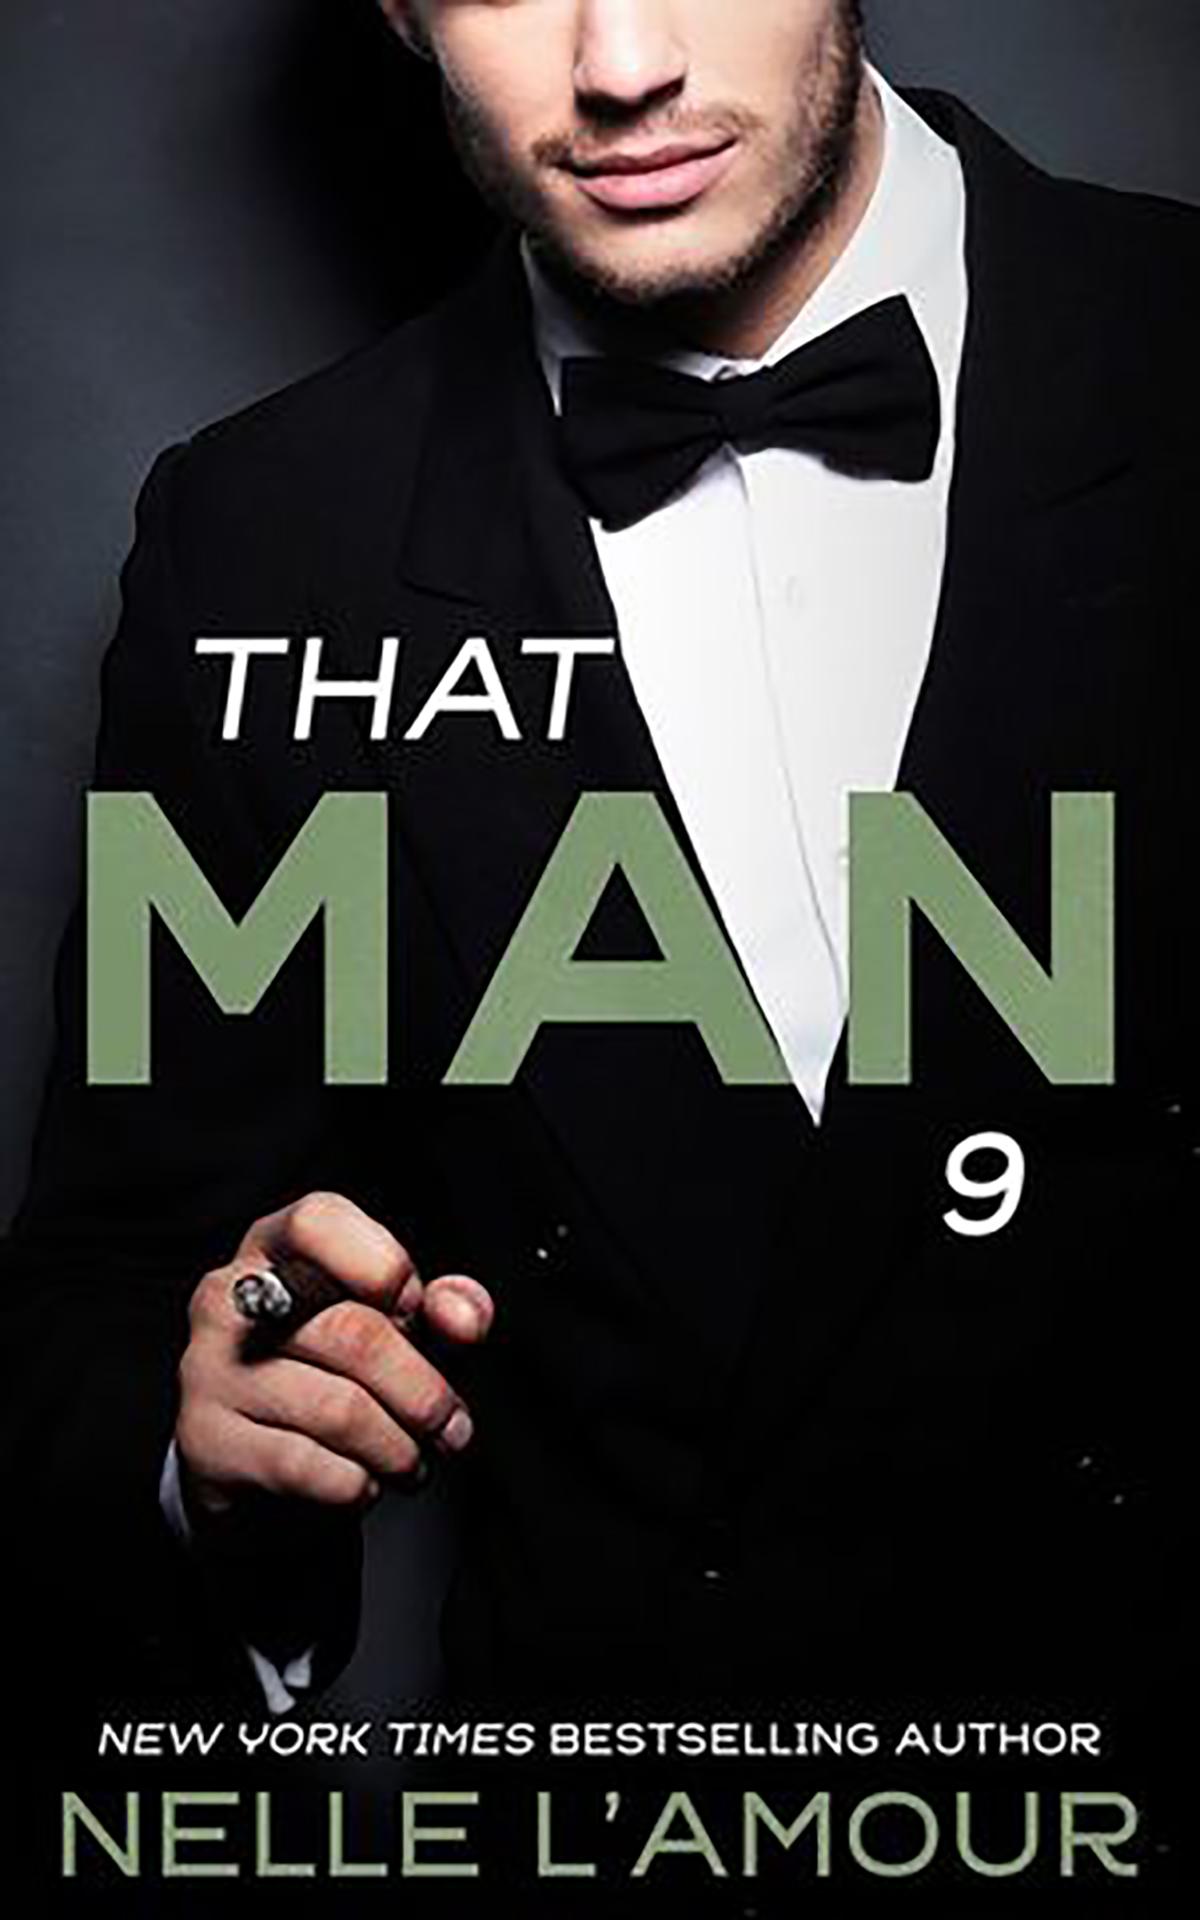 THAT MAN 9